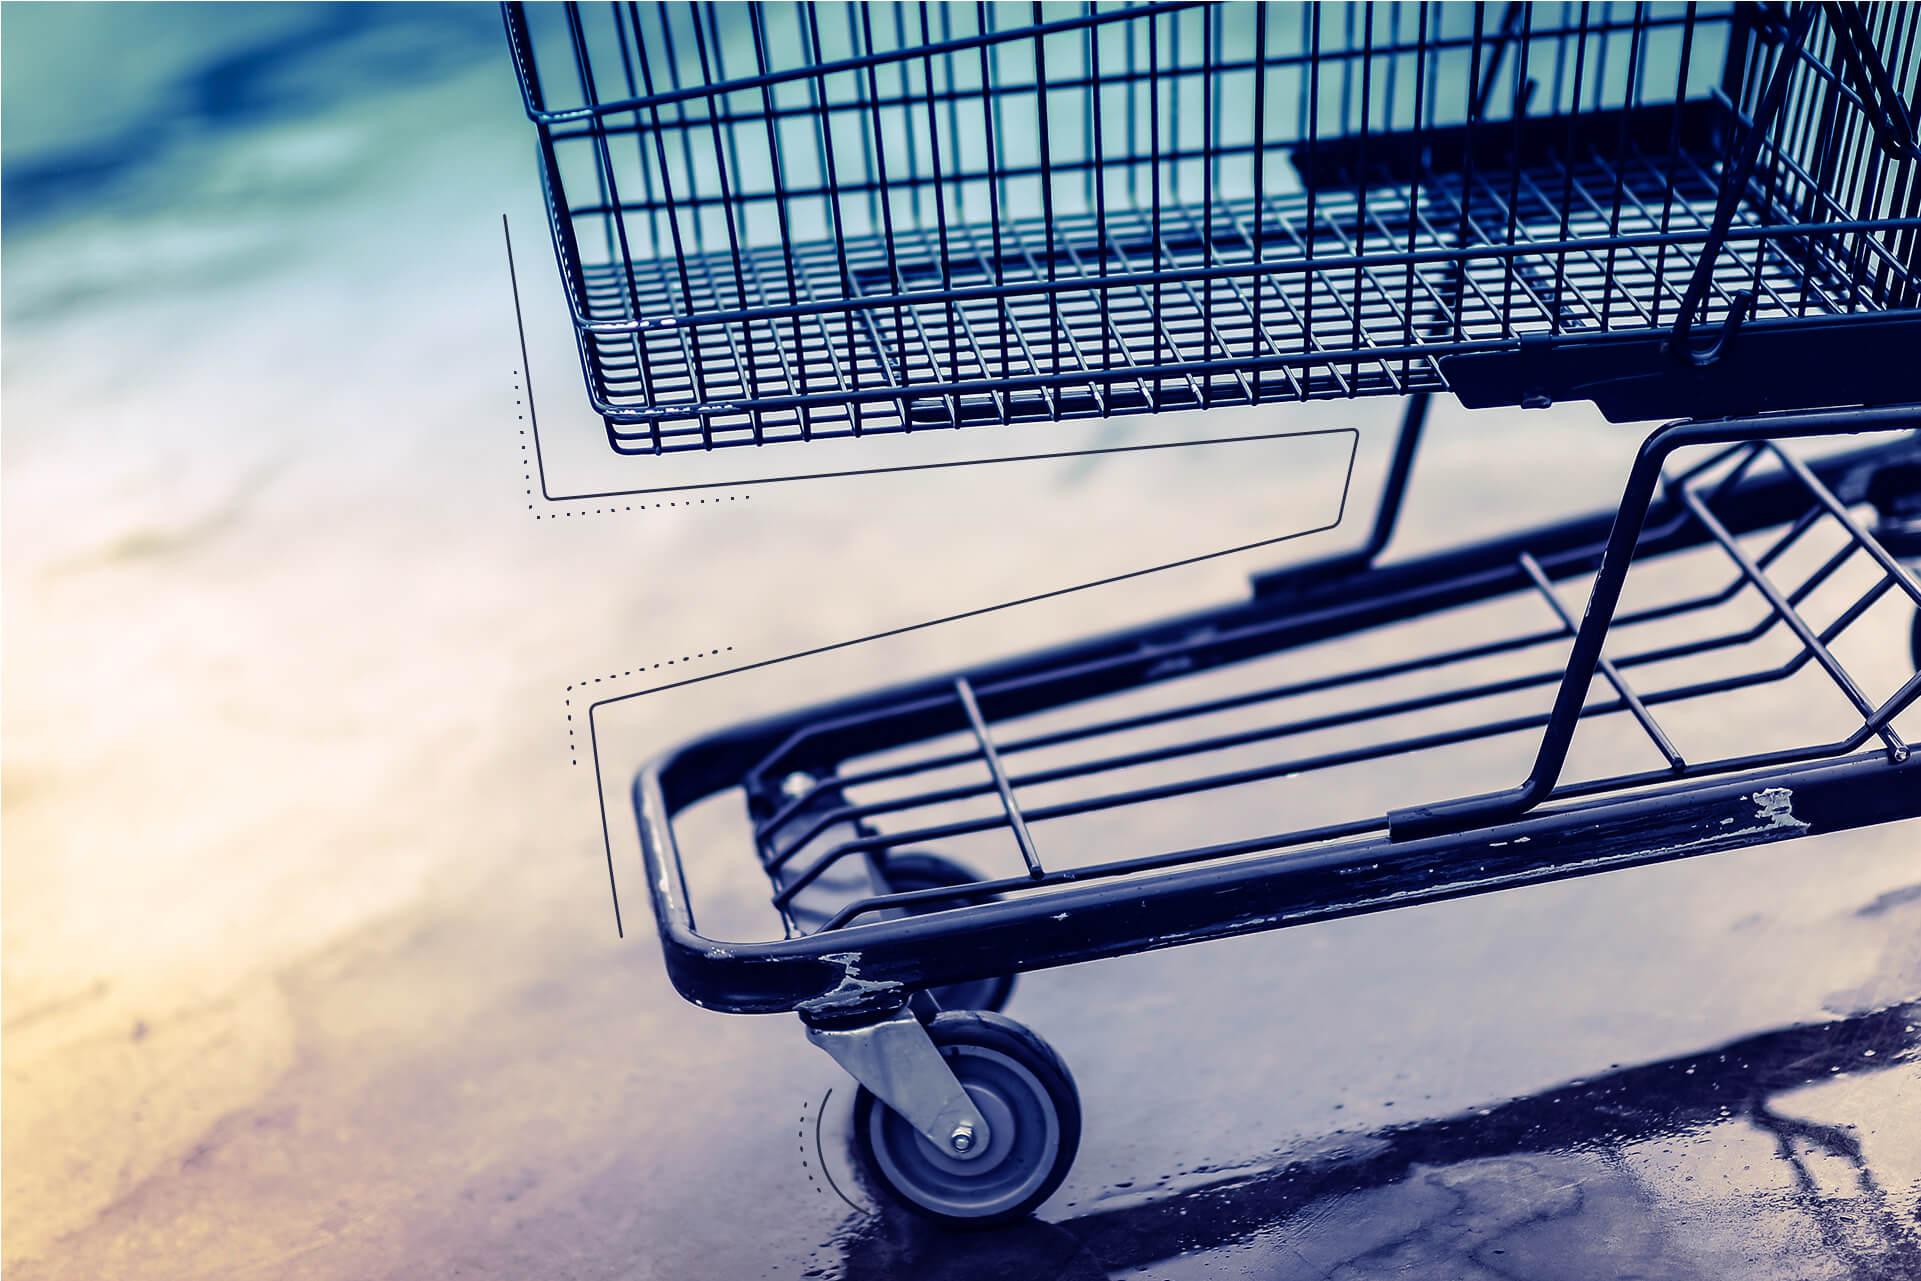 Ein leerer Einkaufswagen | eggheads.net